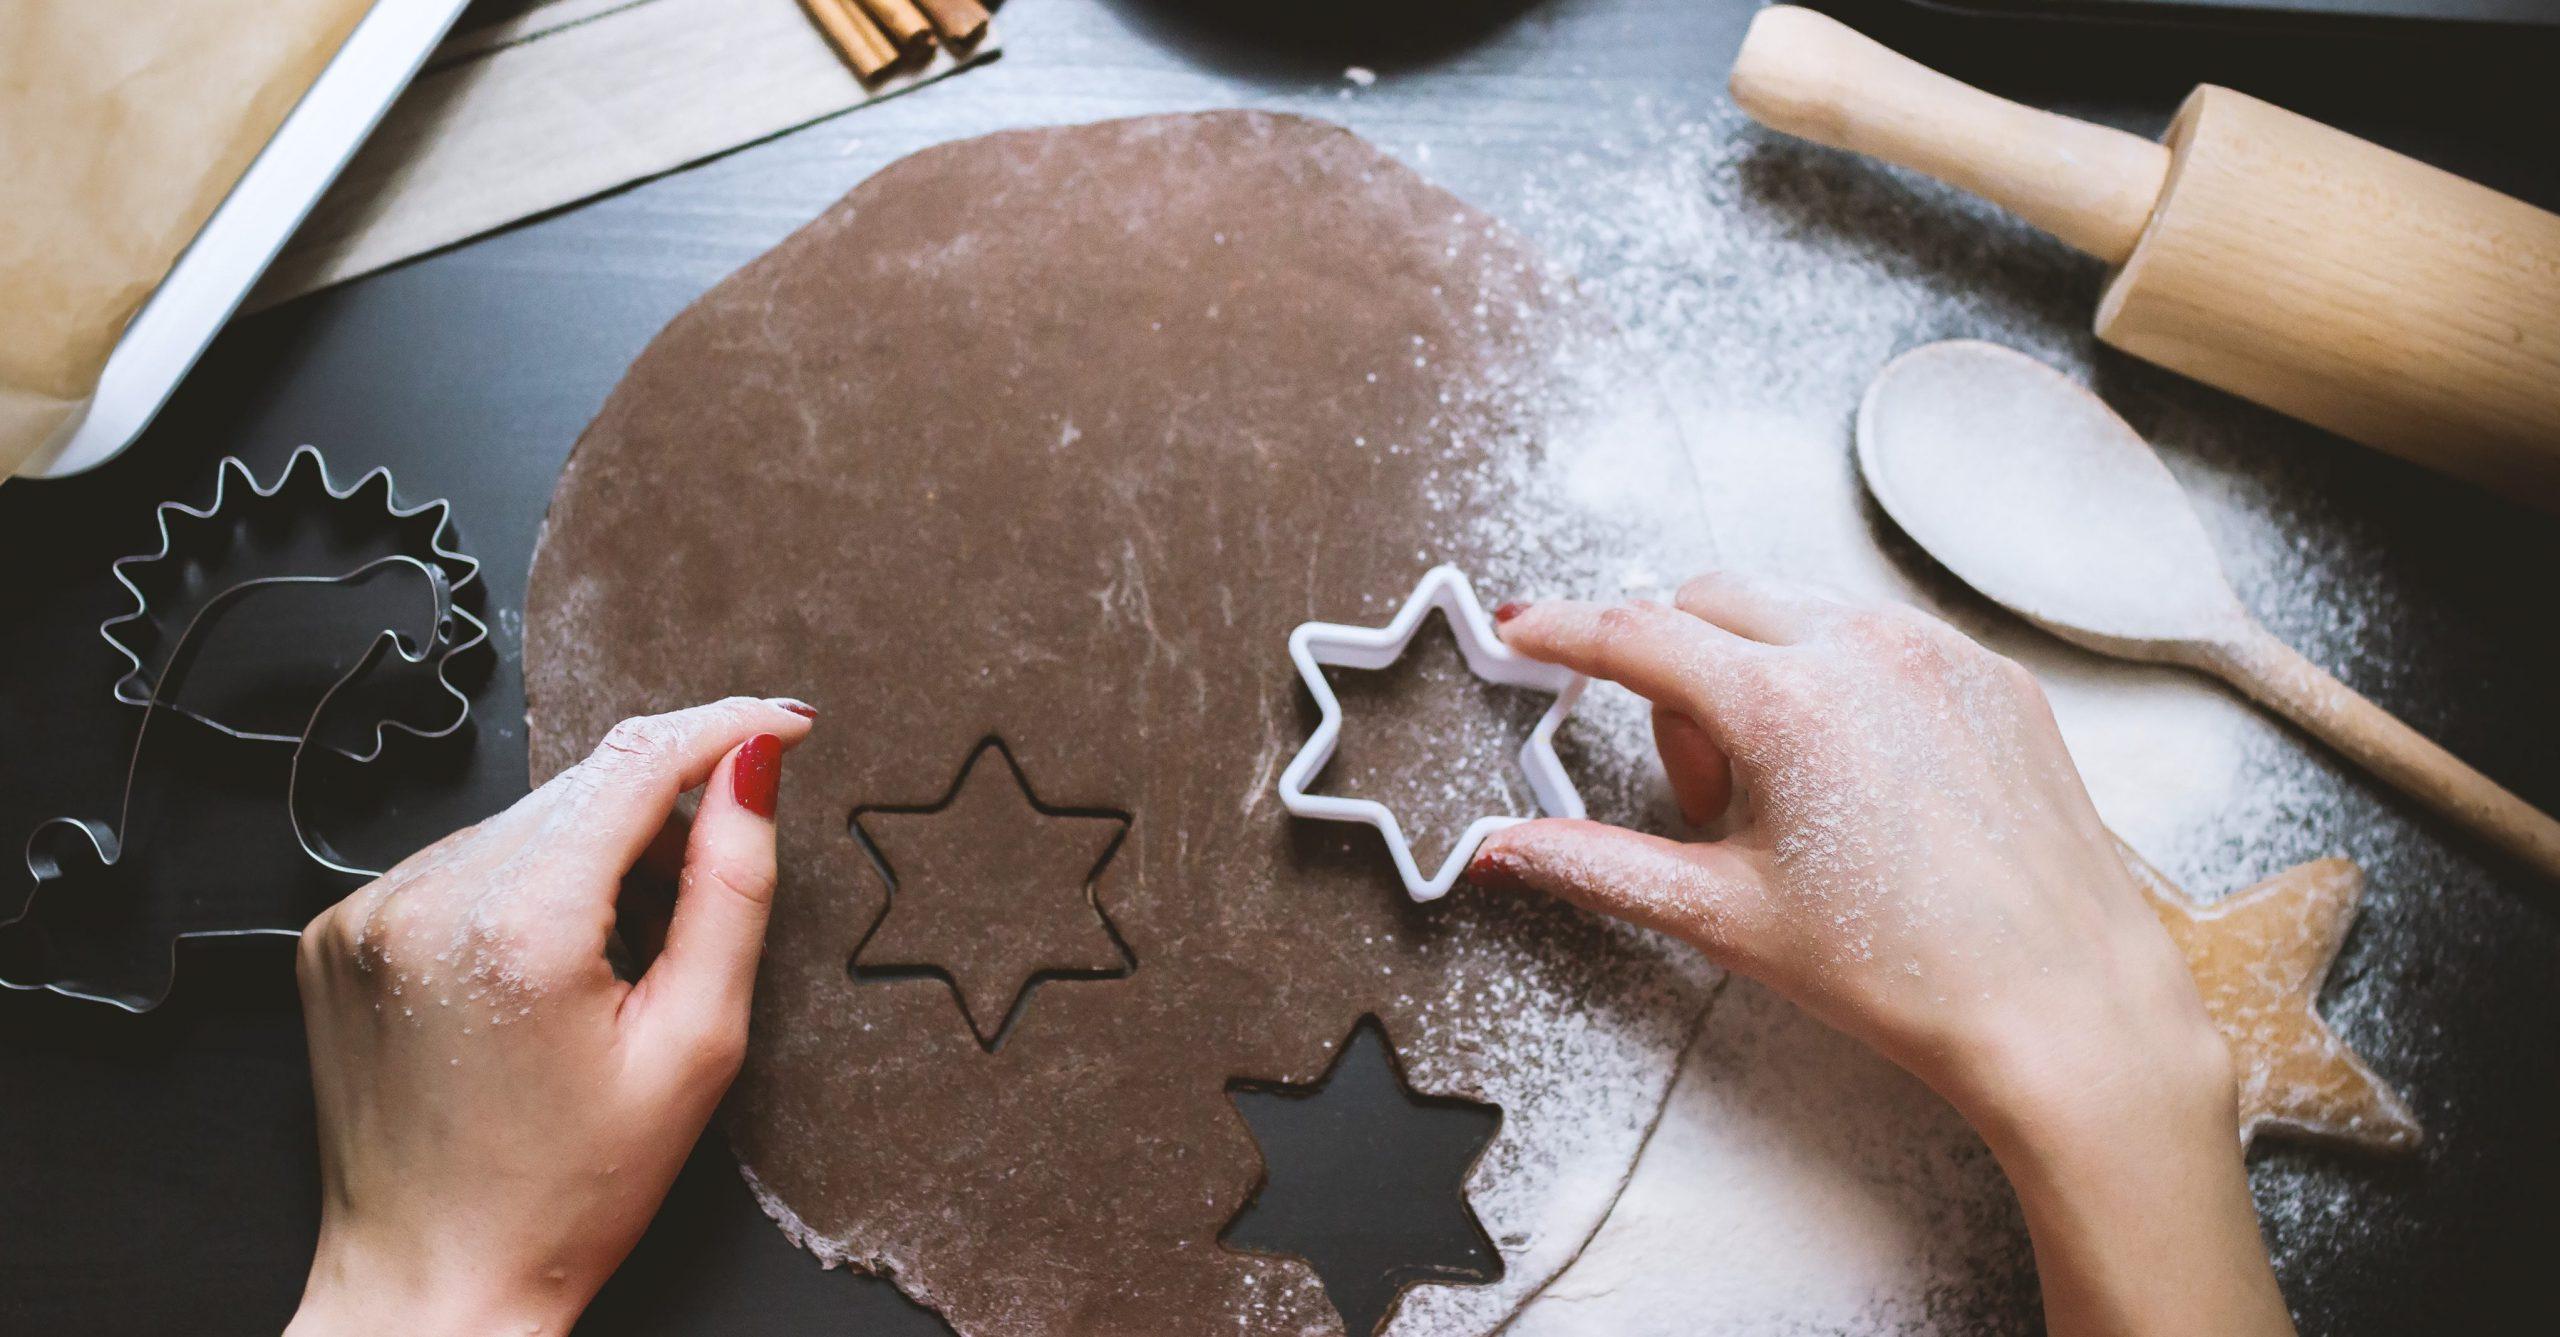 Healthy Weihnachtsbäckerei – 5 Rezepte, die ihr kennen solltet